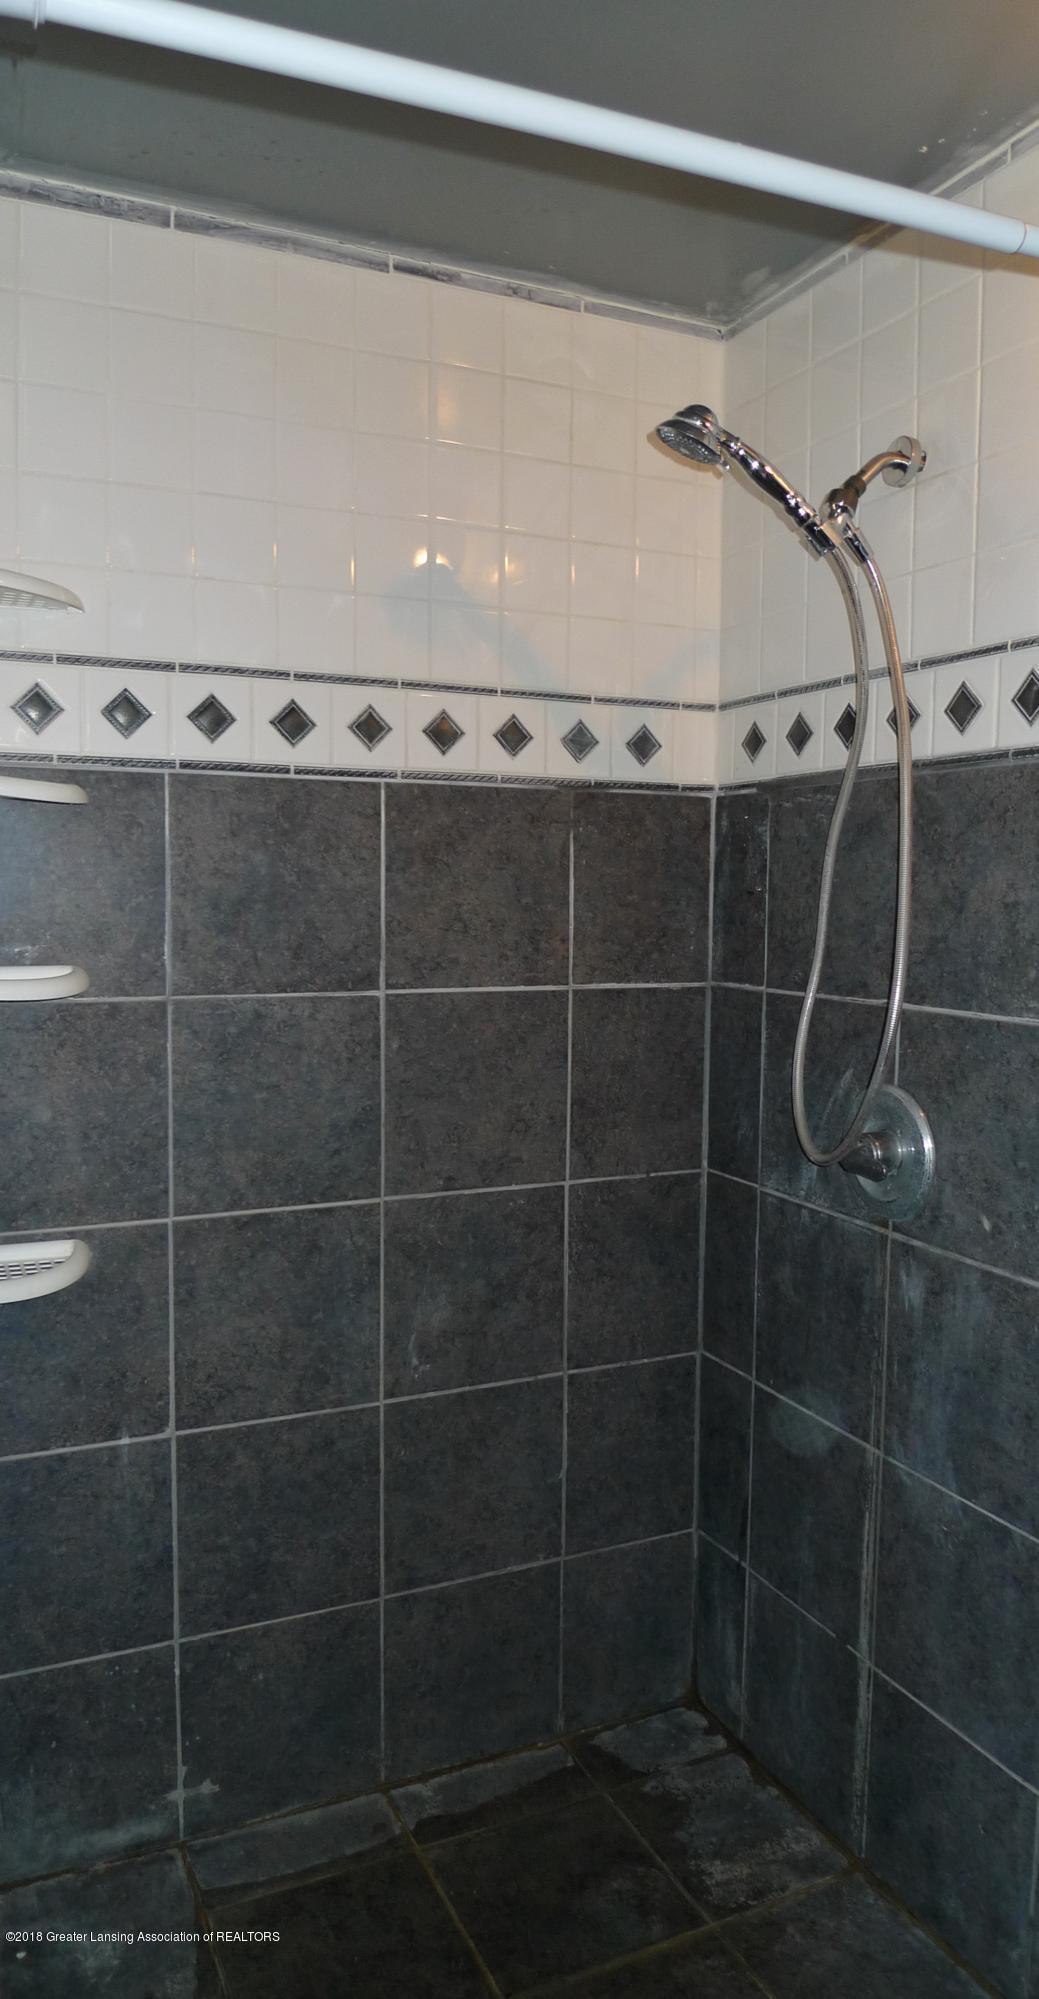 6547 E Cutler Rd - 11 bathroom - 11